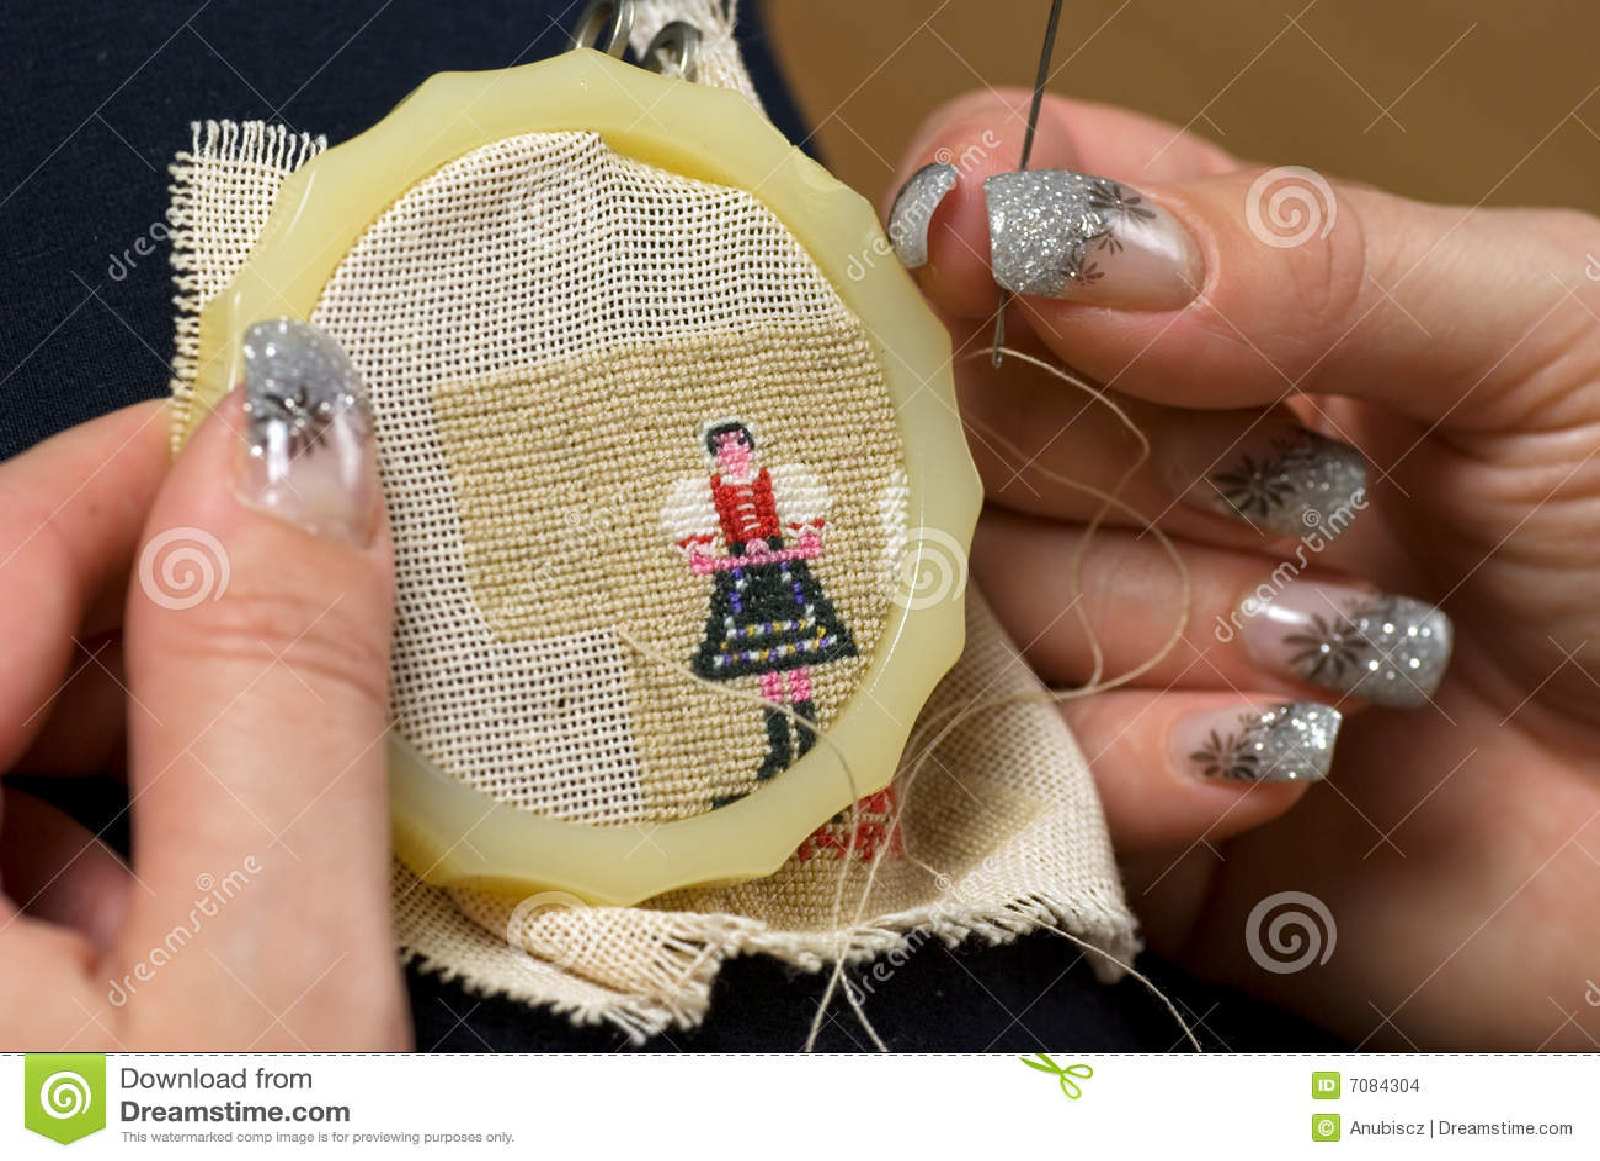 hand needlework stock images image 7084304